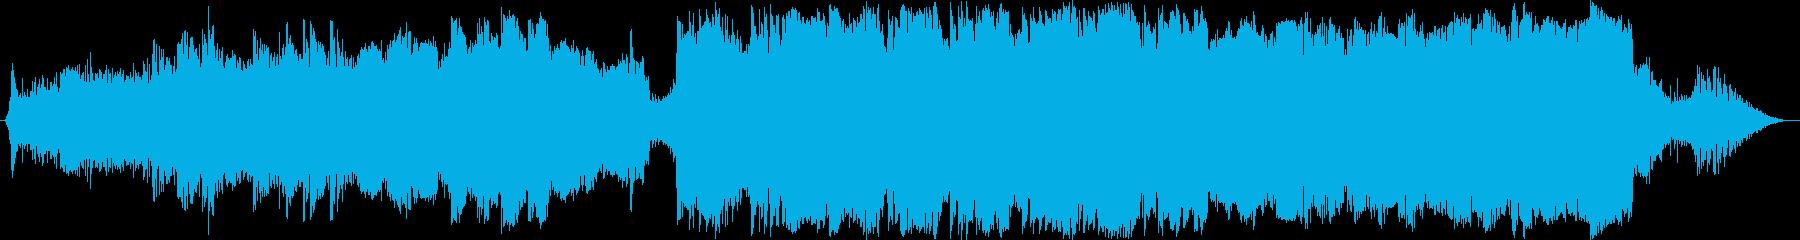 叙情的なピアノのシネマティックな音楽の再生済みの波形